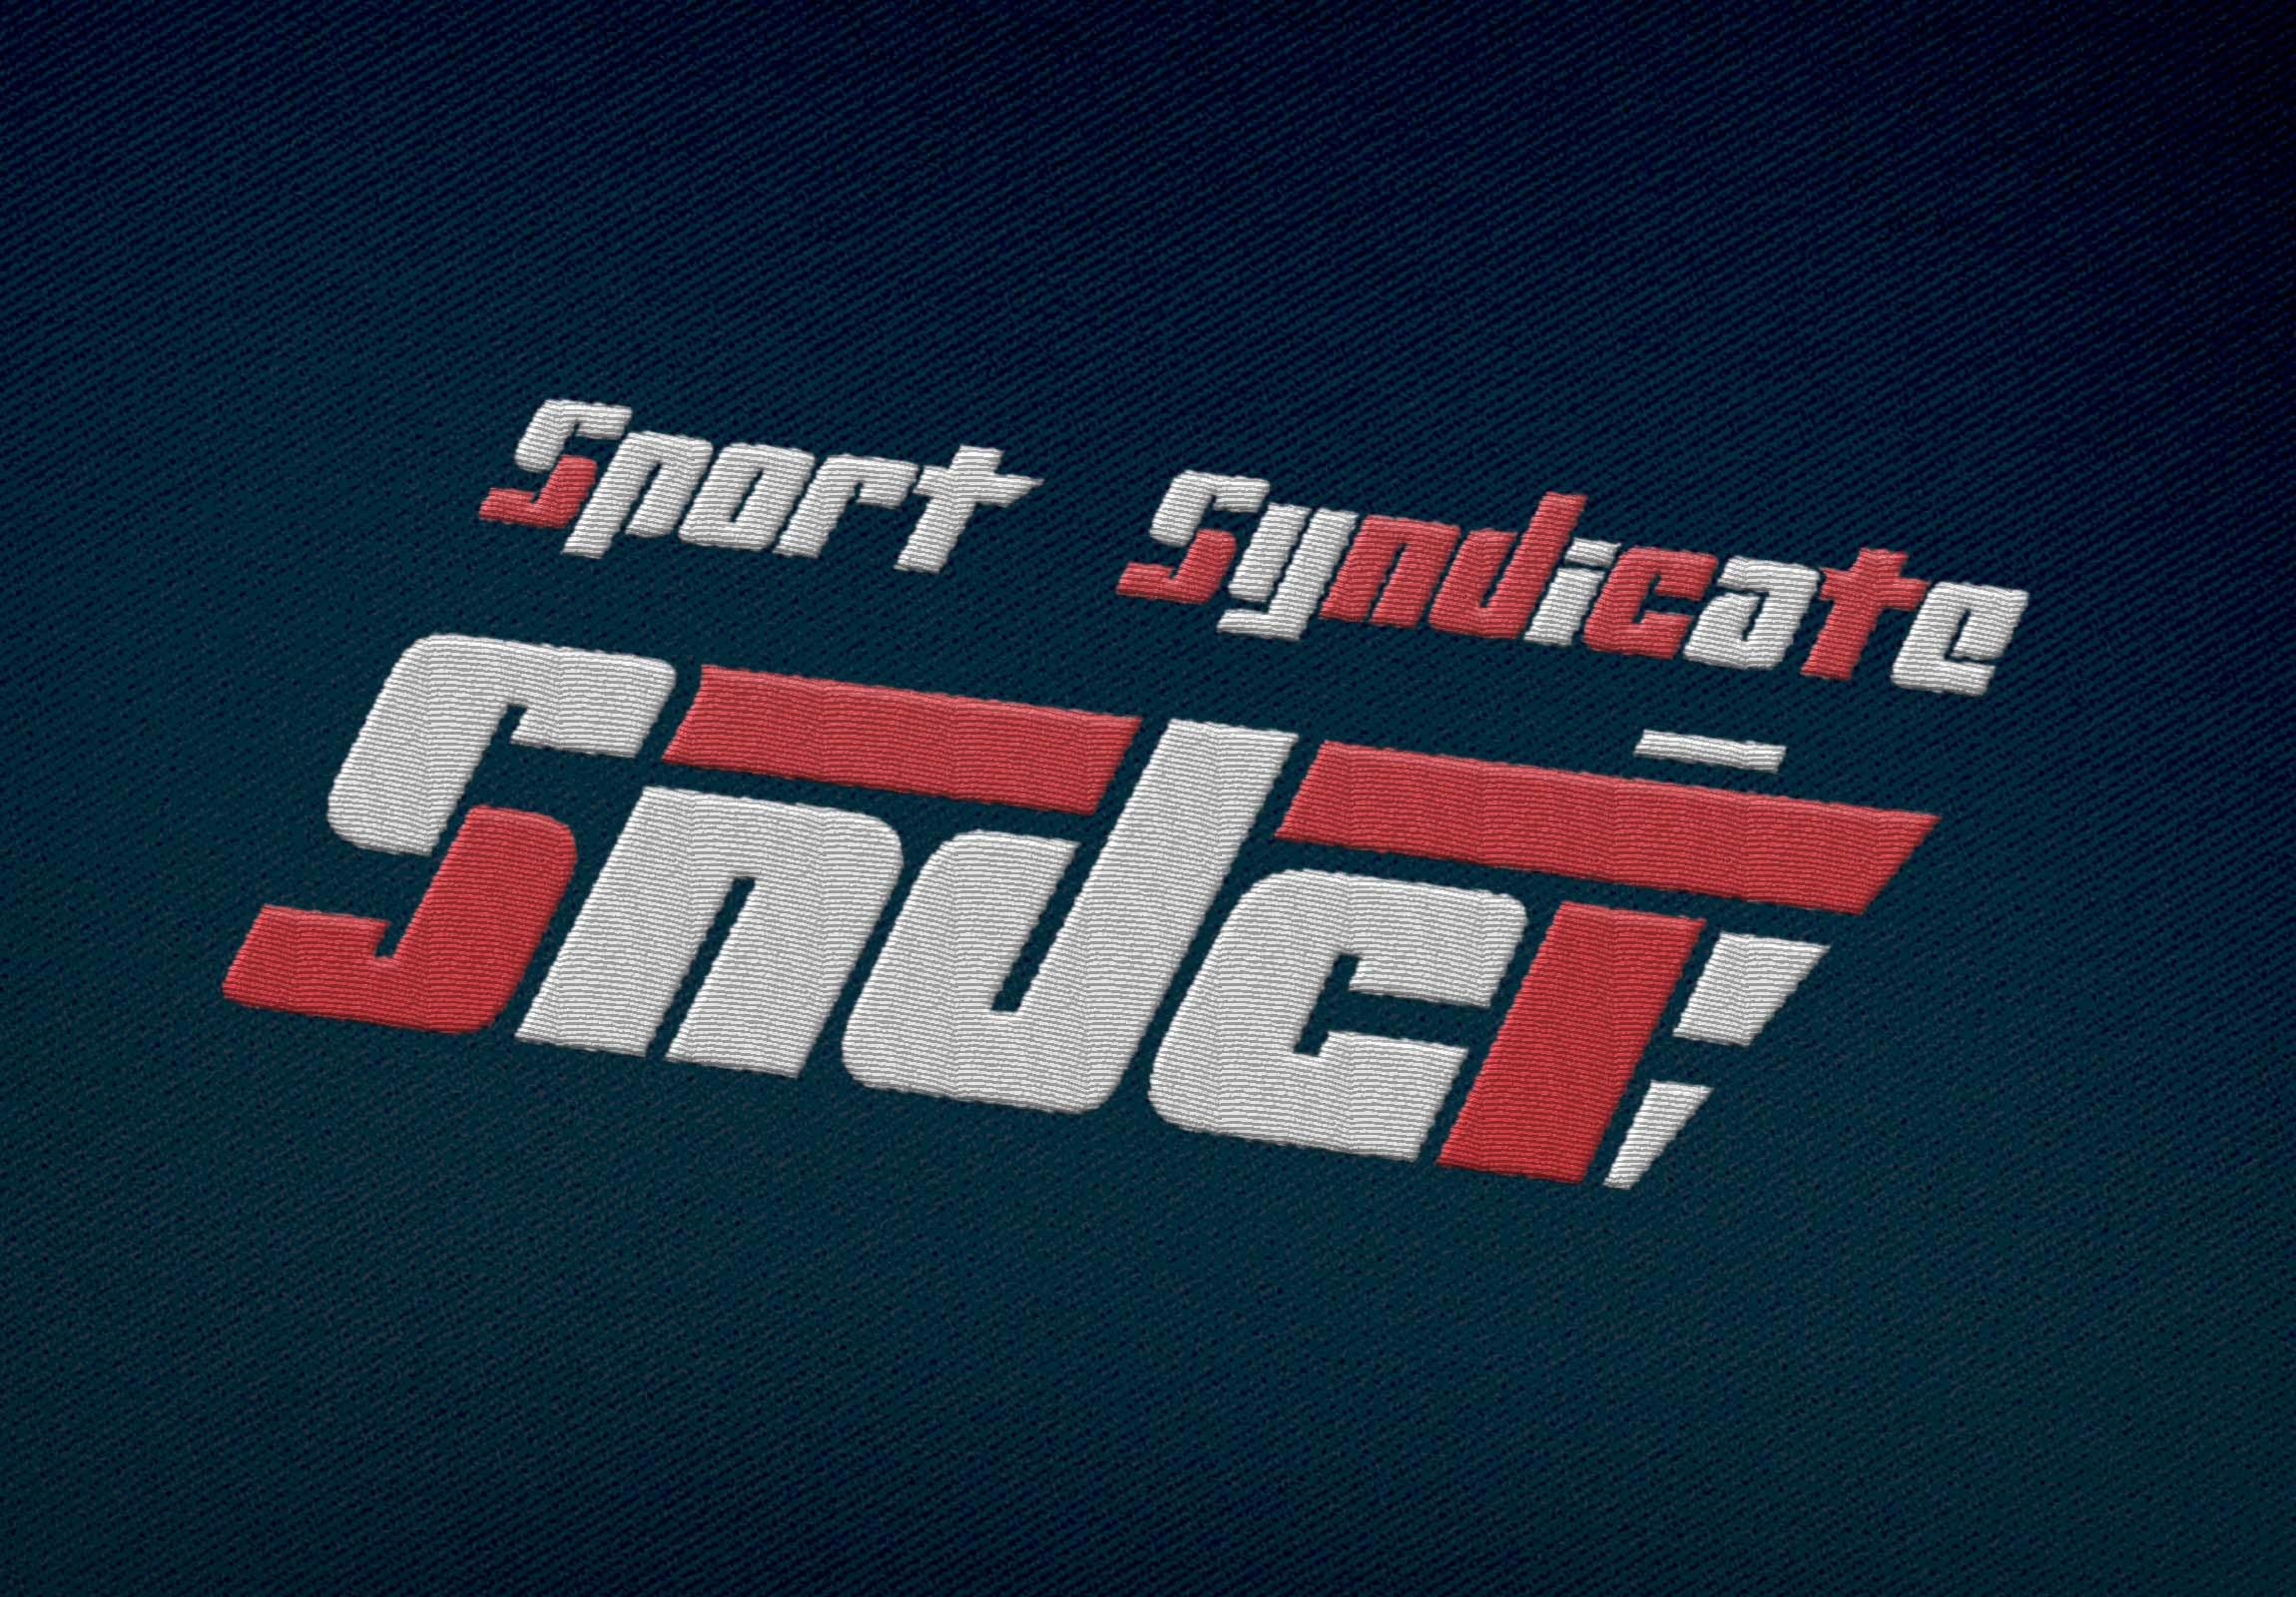 Создать логотип для сети магазинов спортивного питания фото f_0775966c95336cf7.jpg